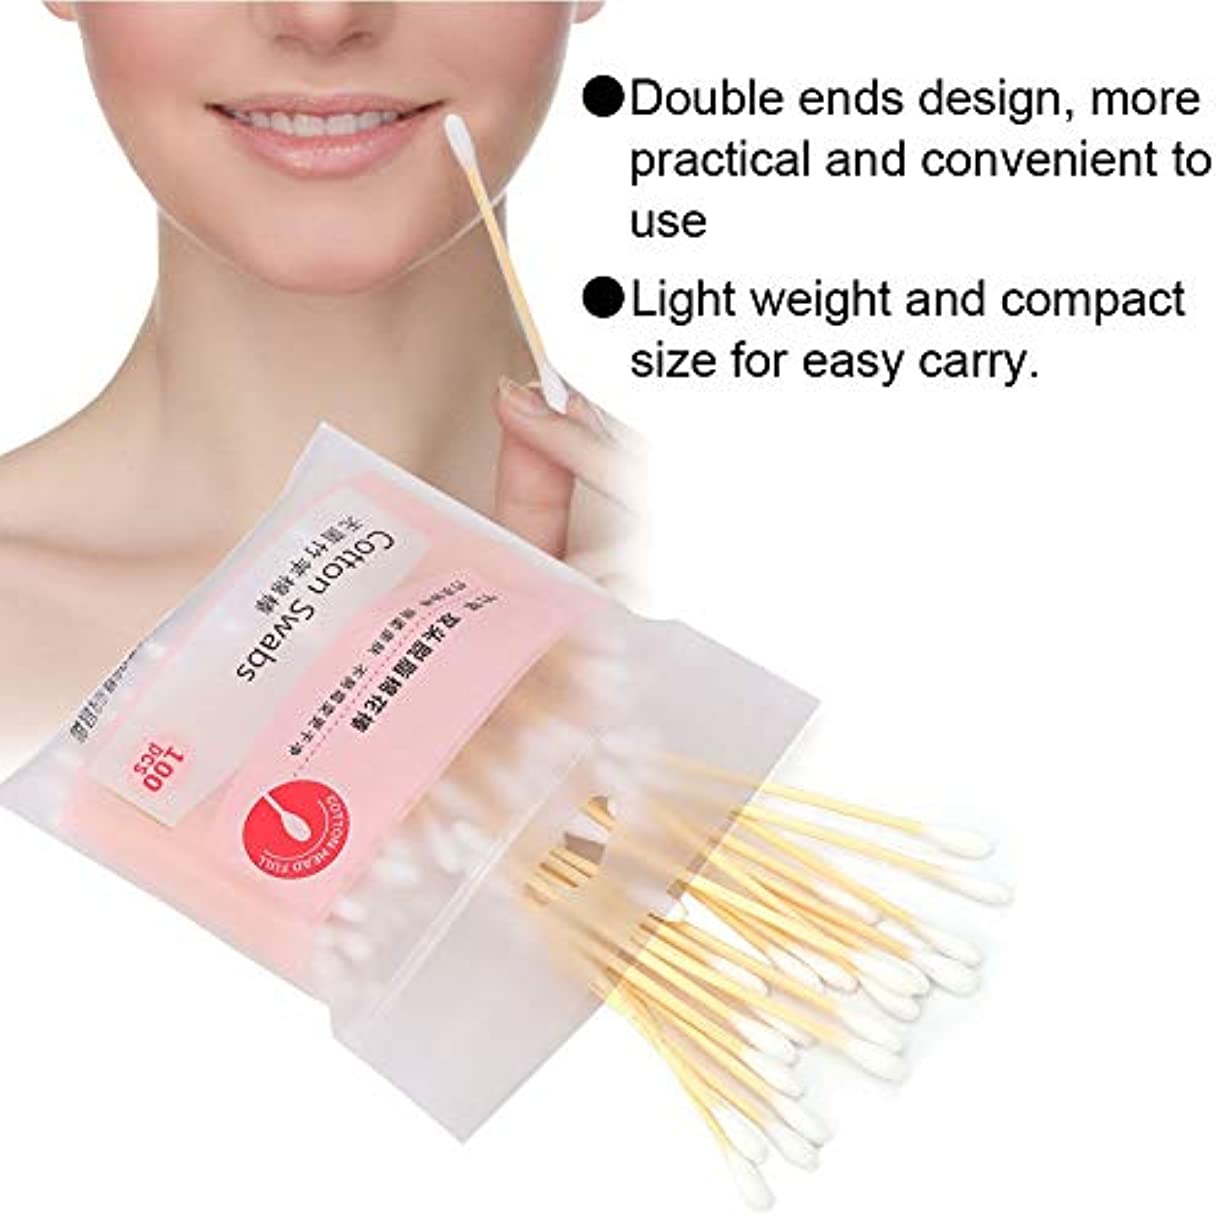 ひいきにする残酷なフラッシュのように素早く使い捨てダブルエンド綿棒化粧綿棒綿棒 100個セット